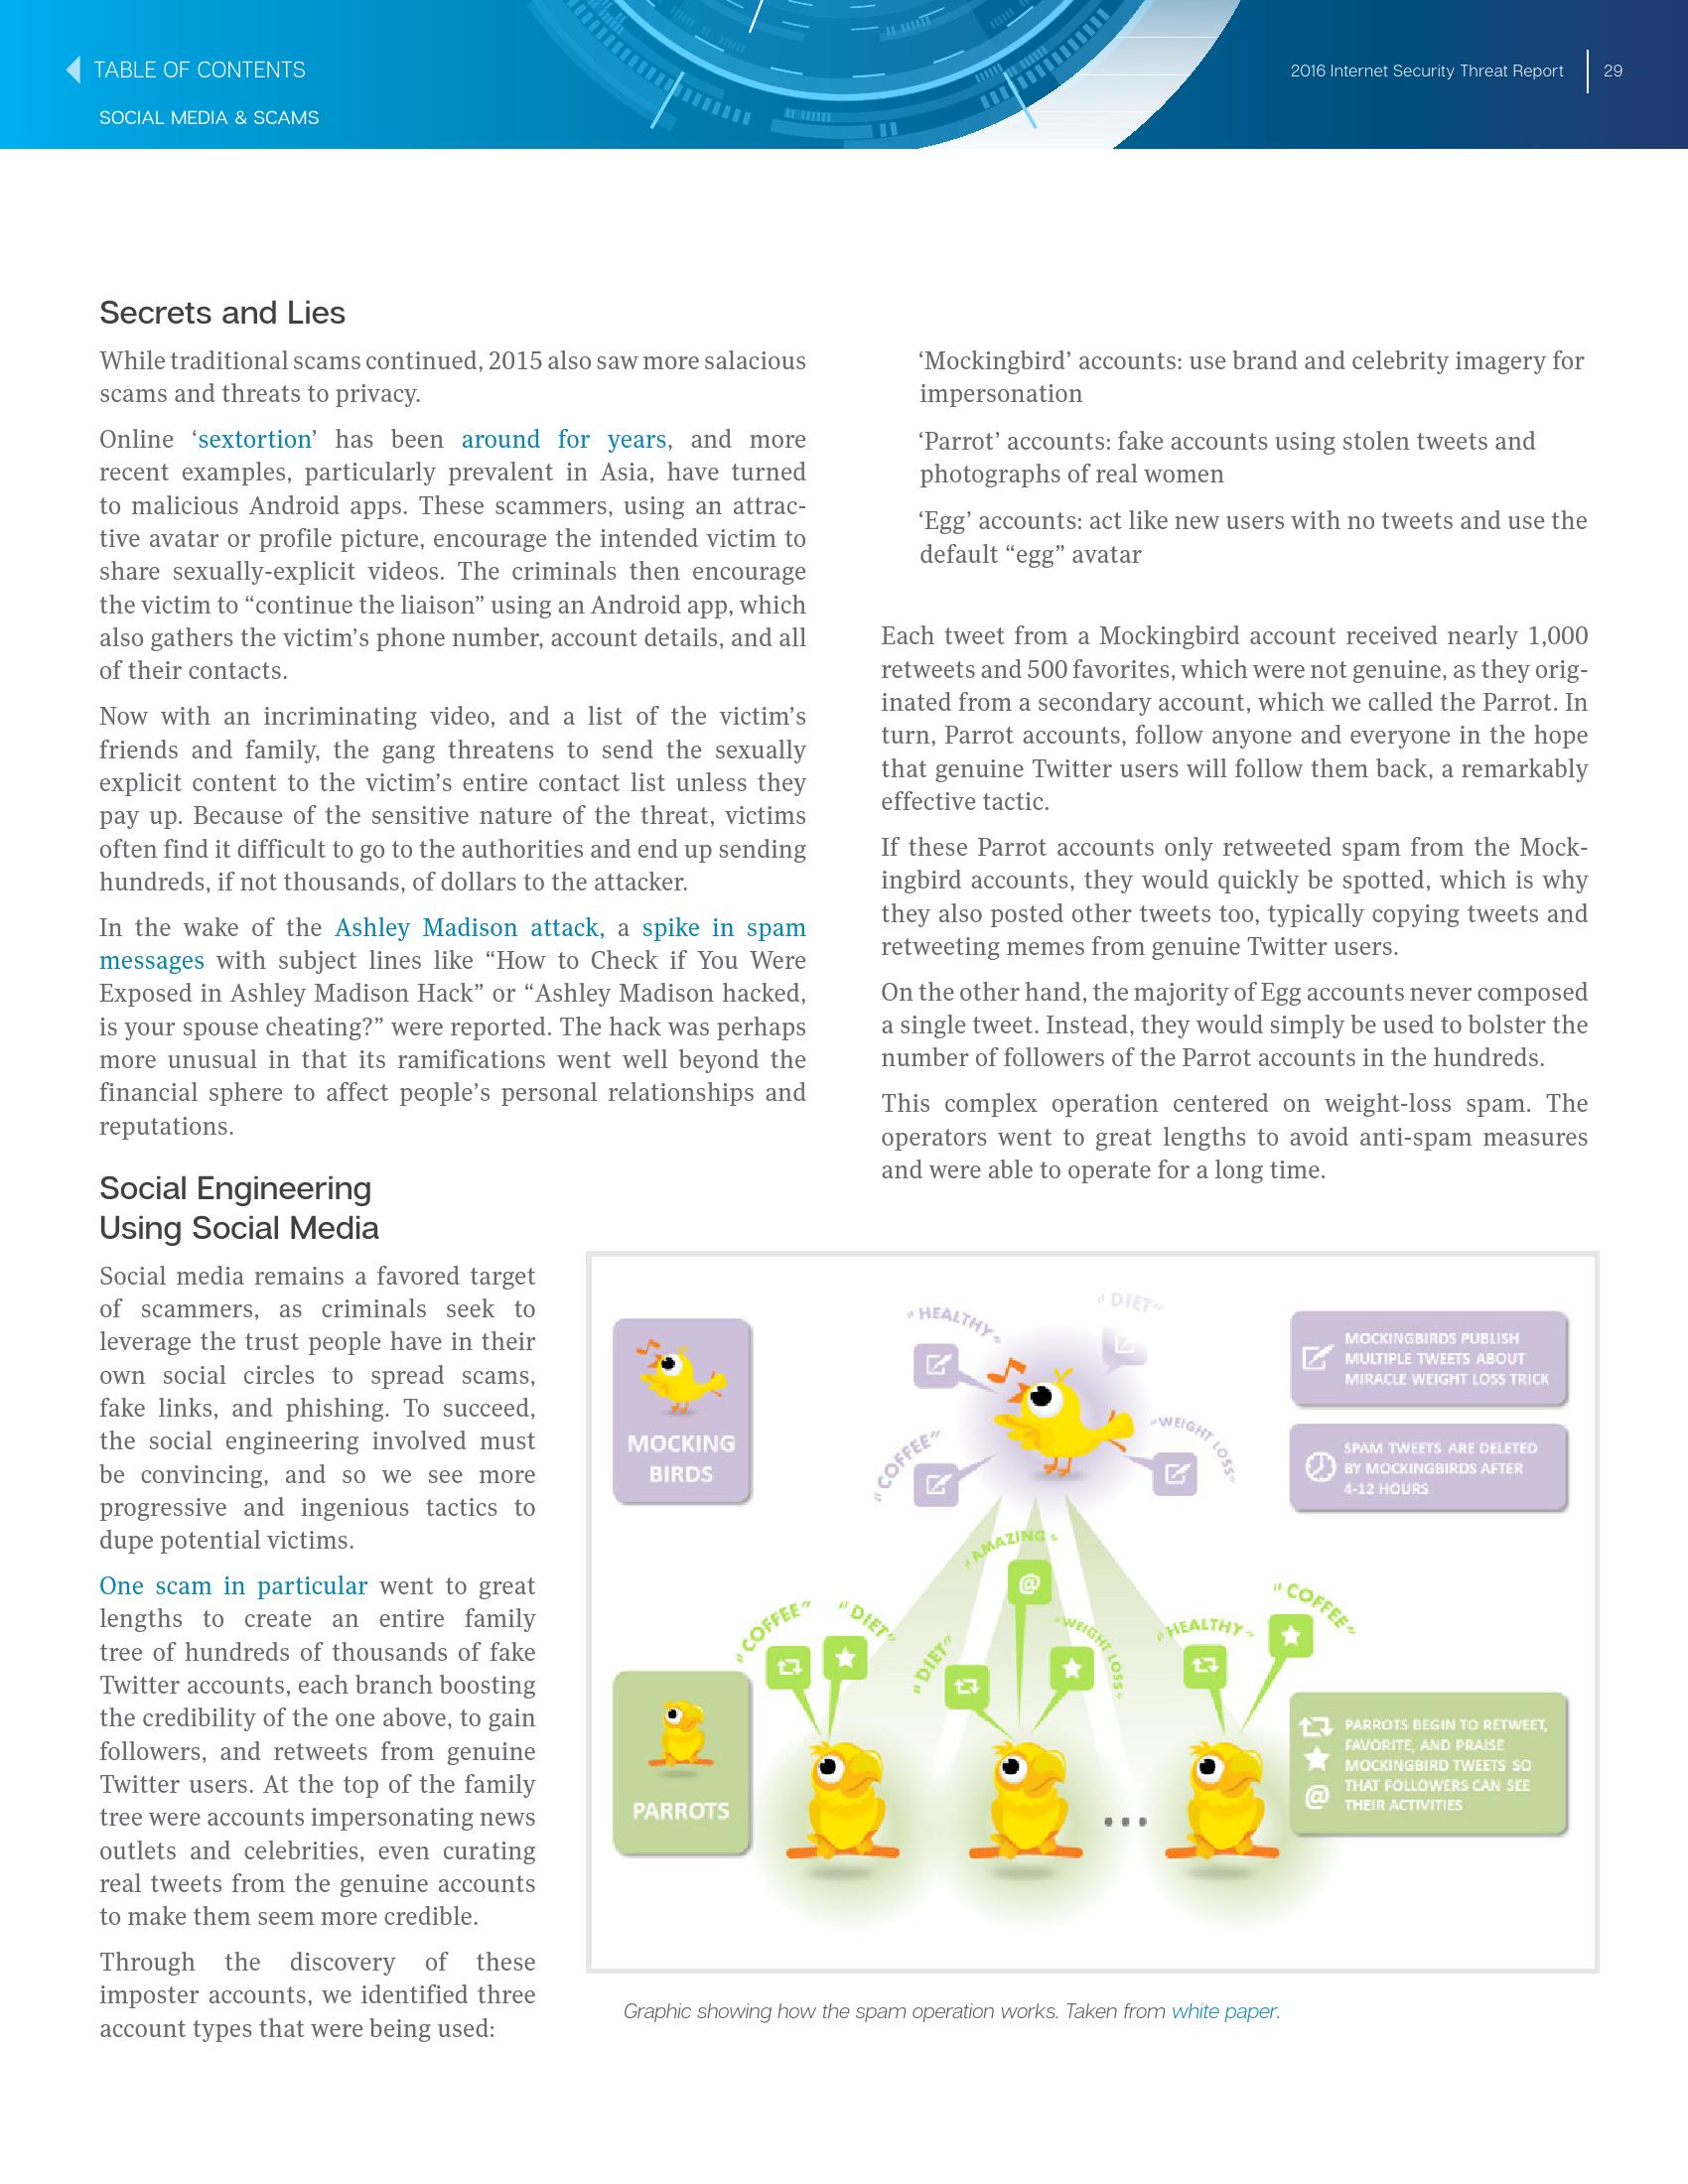 2016年互联网安全威胁报告_000029